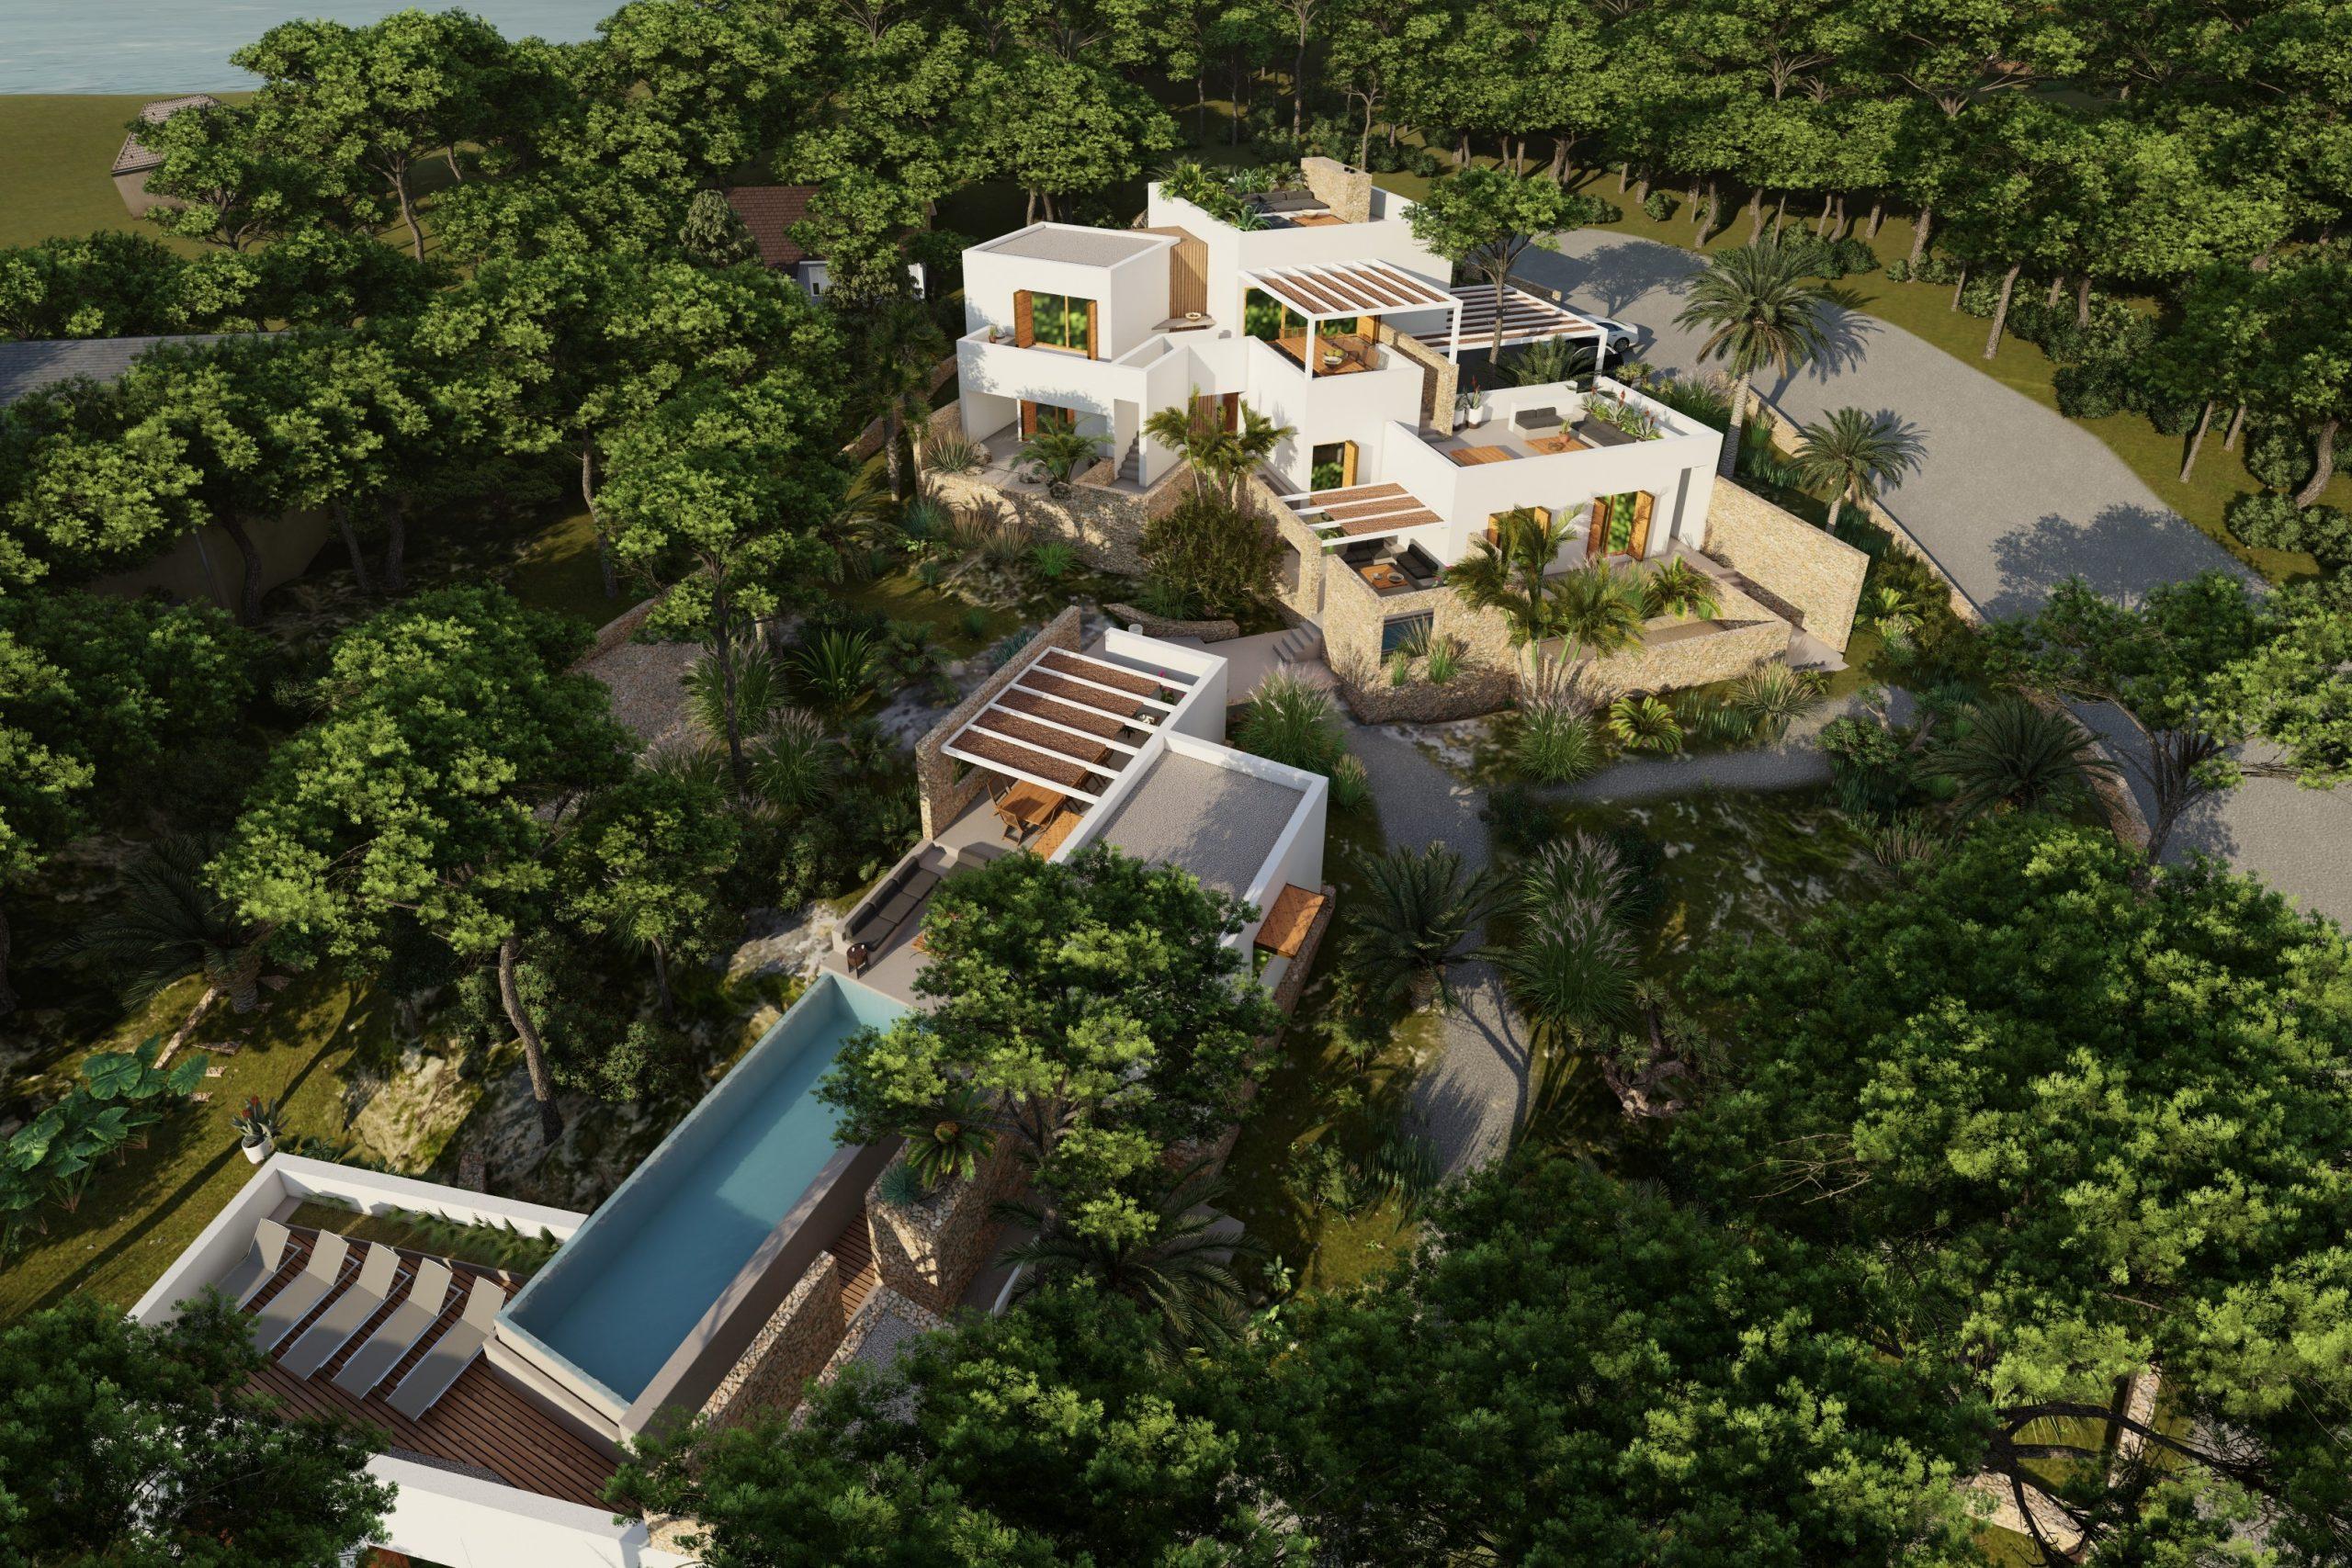 Vivienda en Menorca, diseñada por 'Flaire Studio'